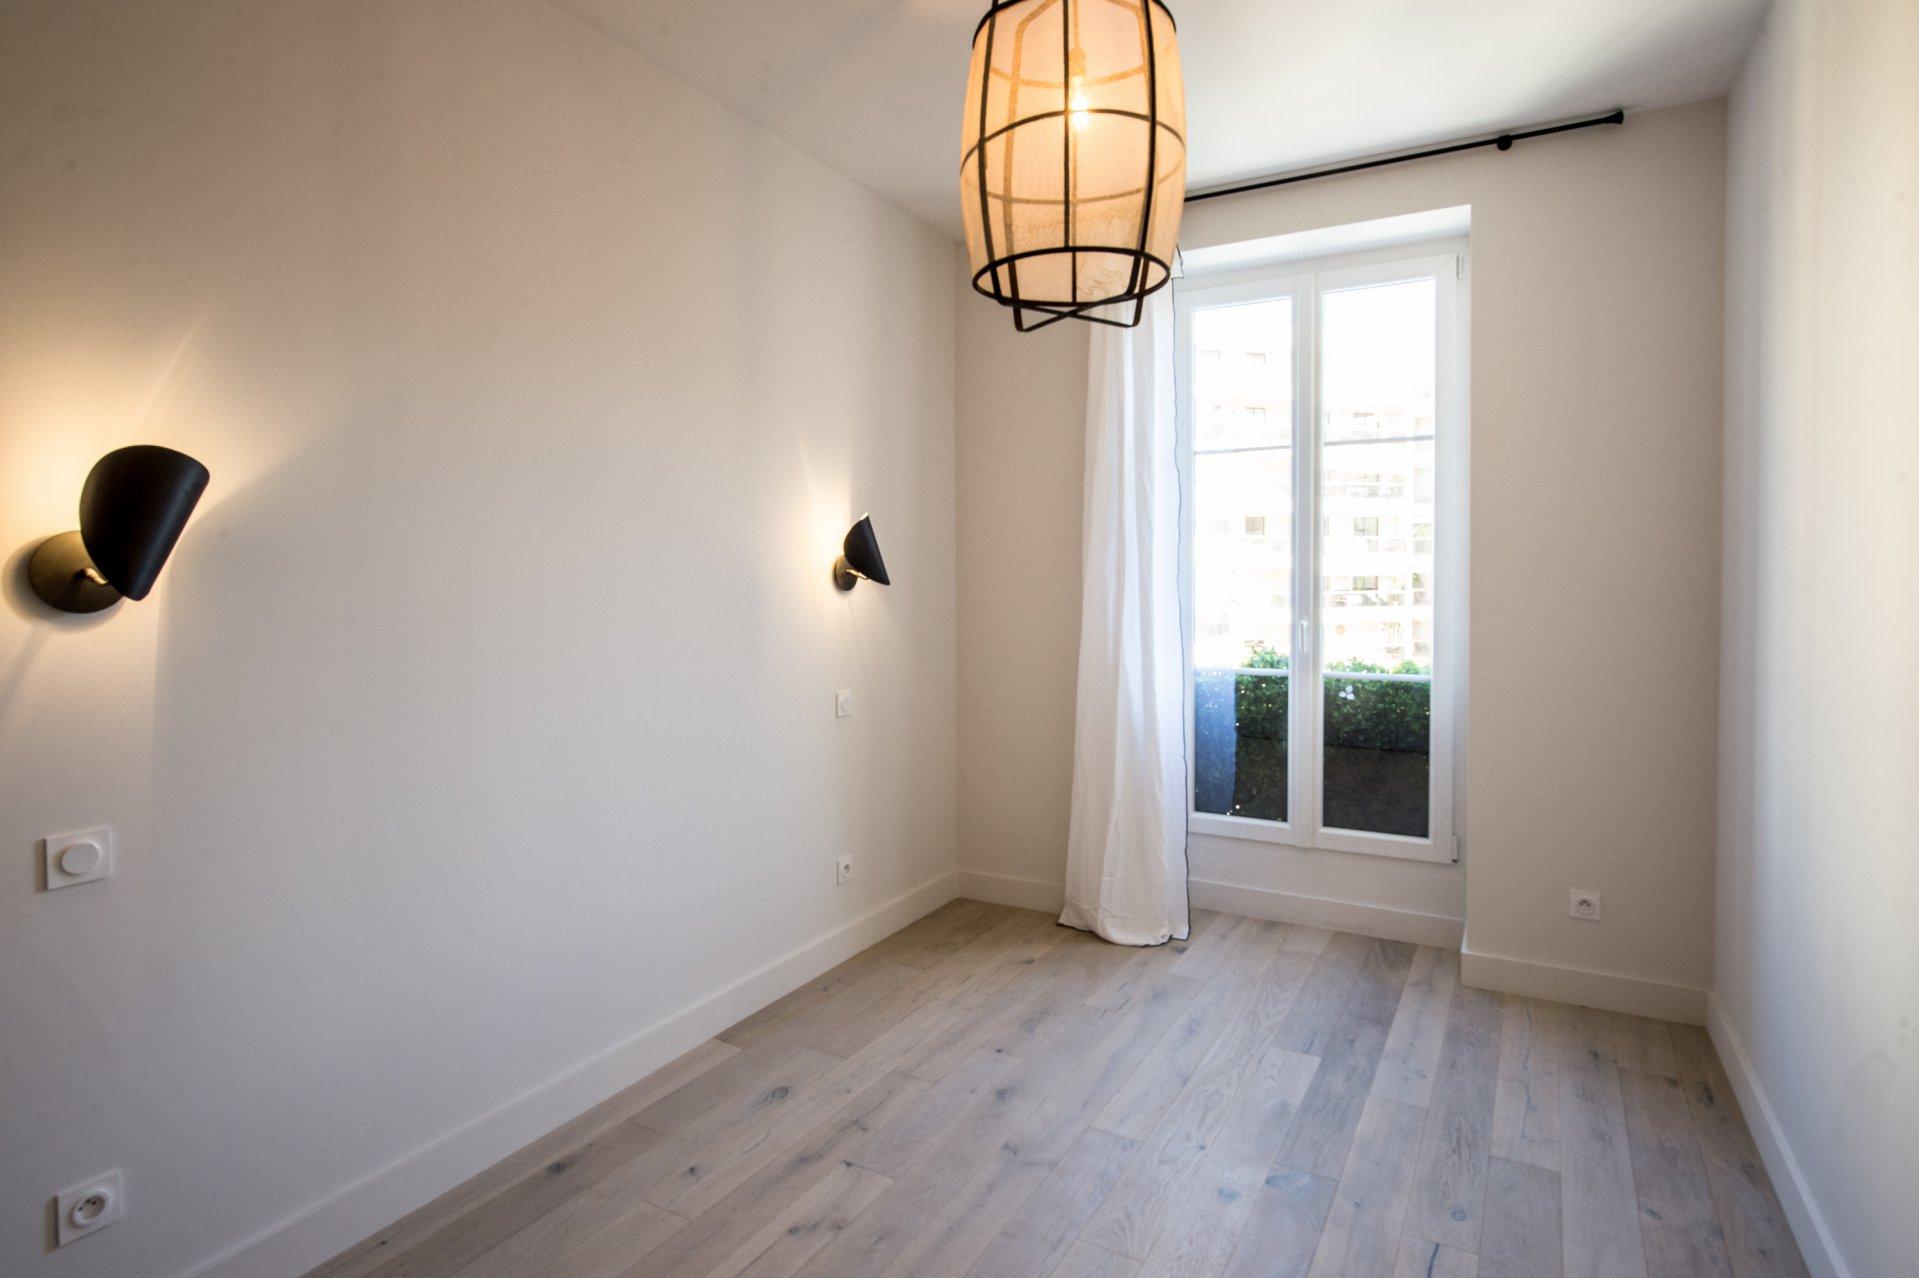 VENTE Appartement 3P Nice Carré d'Or Coulée Verte Rénové Balcons